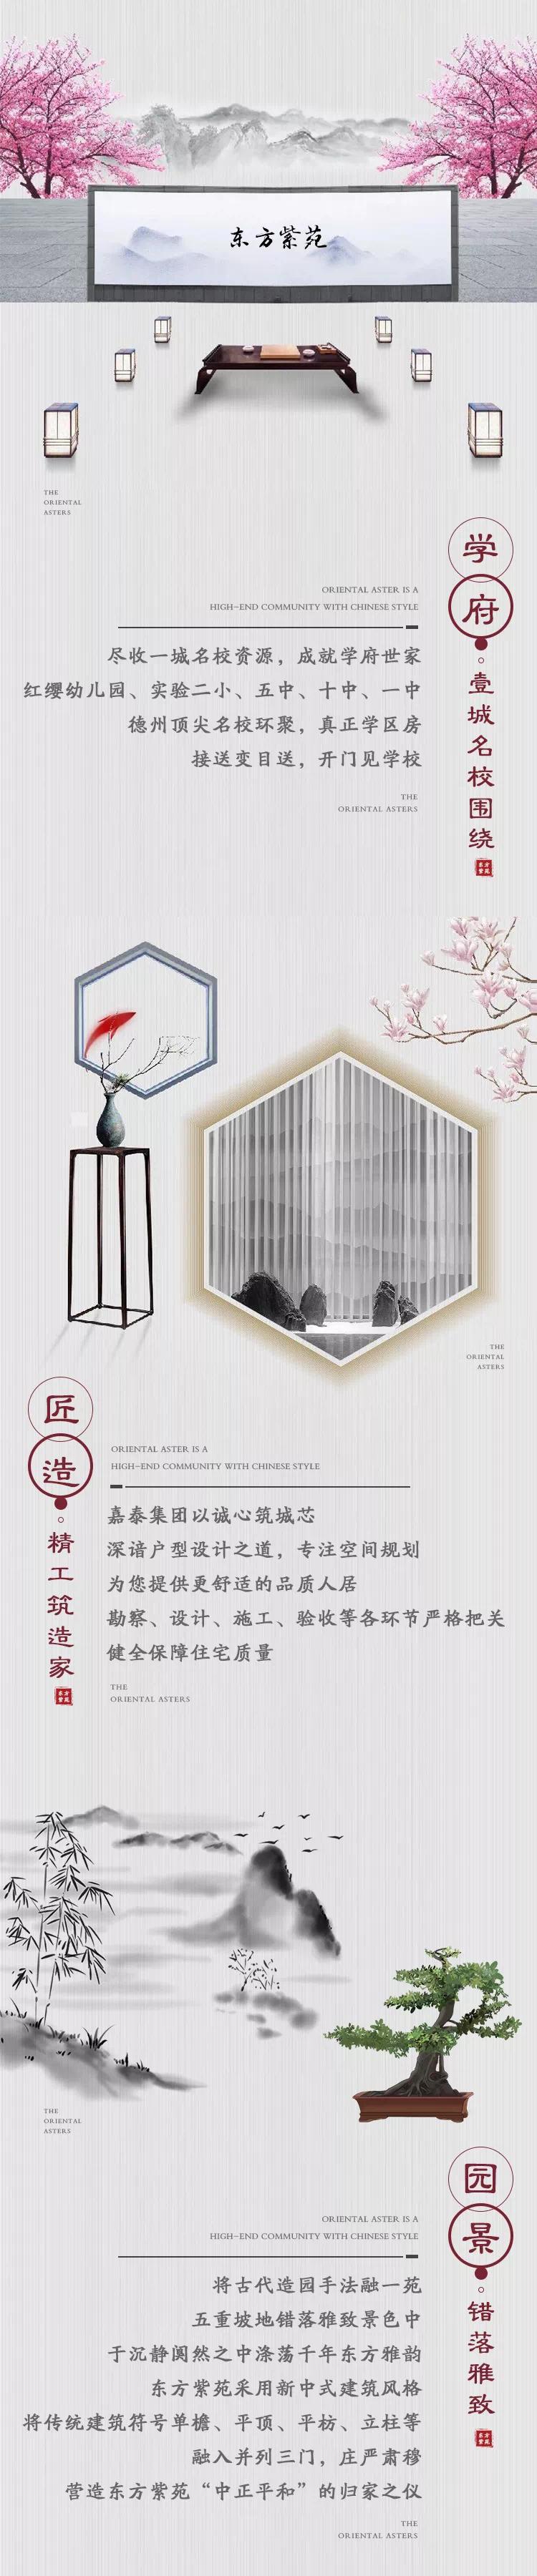 城央名校学府,东方紫苑6月8日盛大开盘,一城厚爱